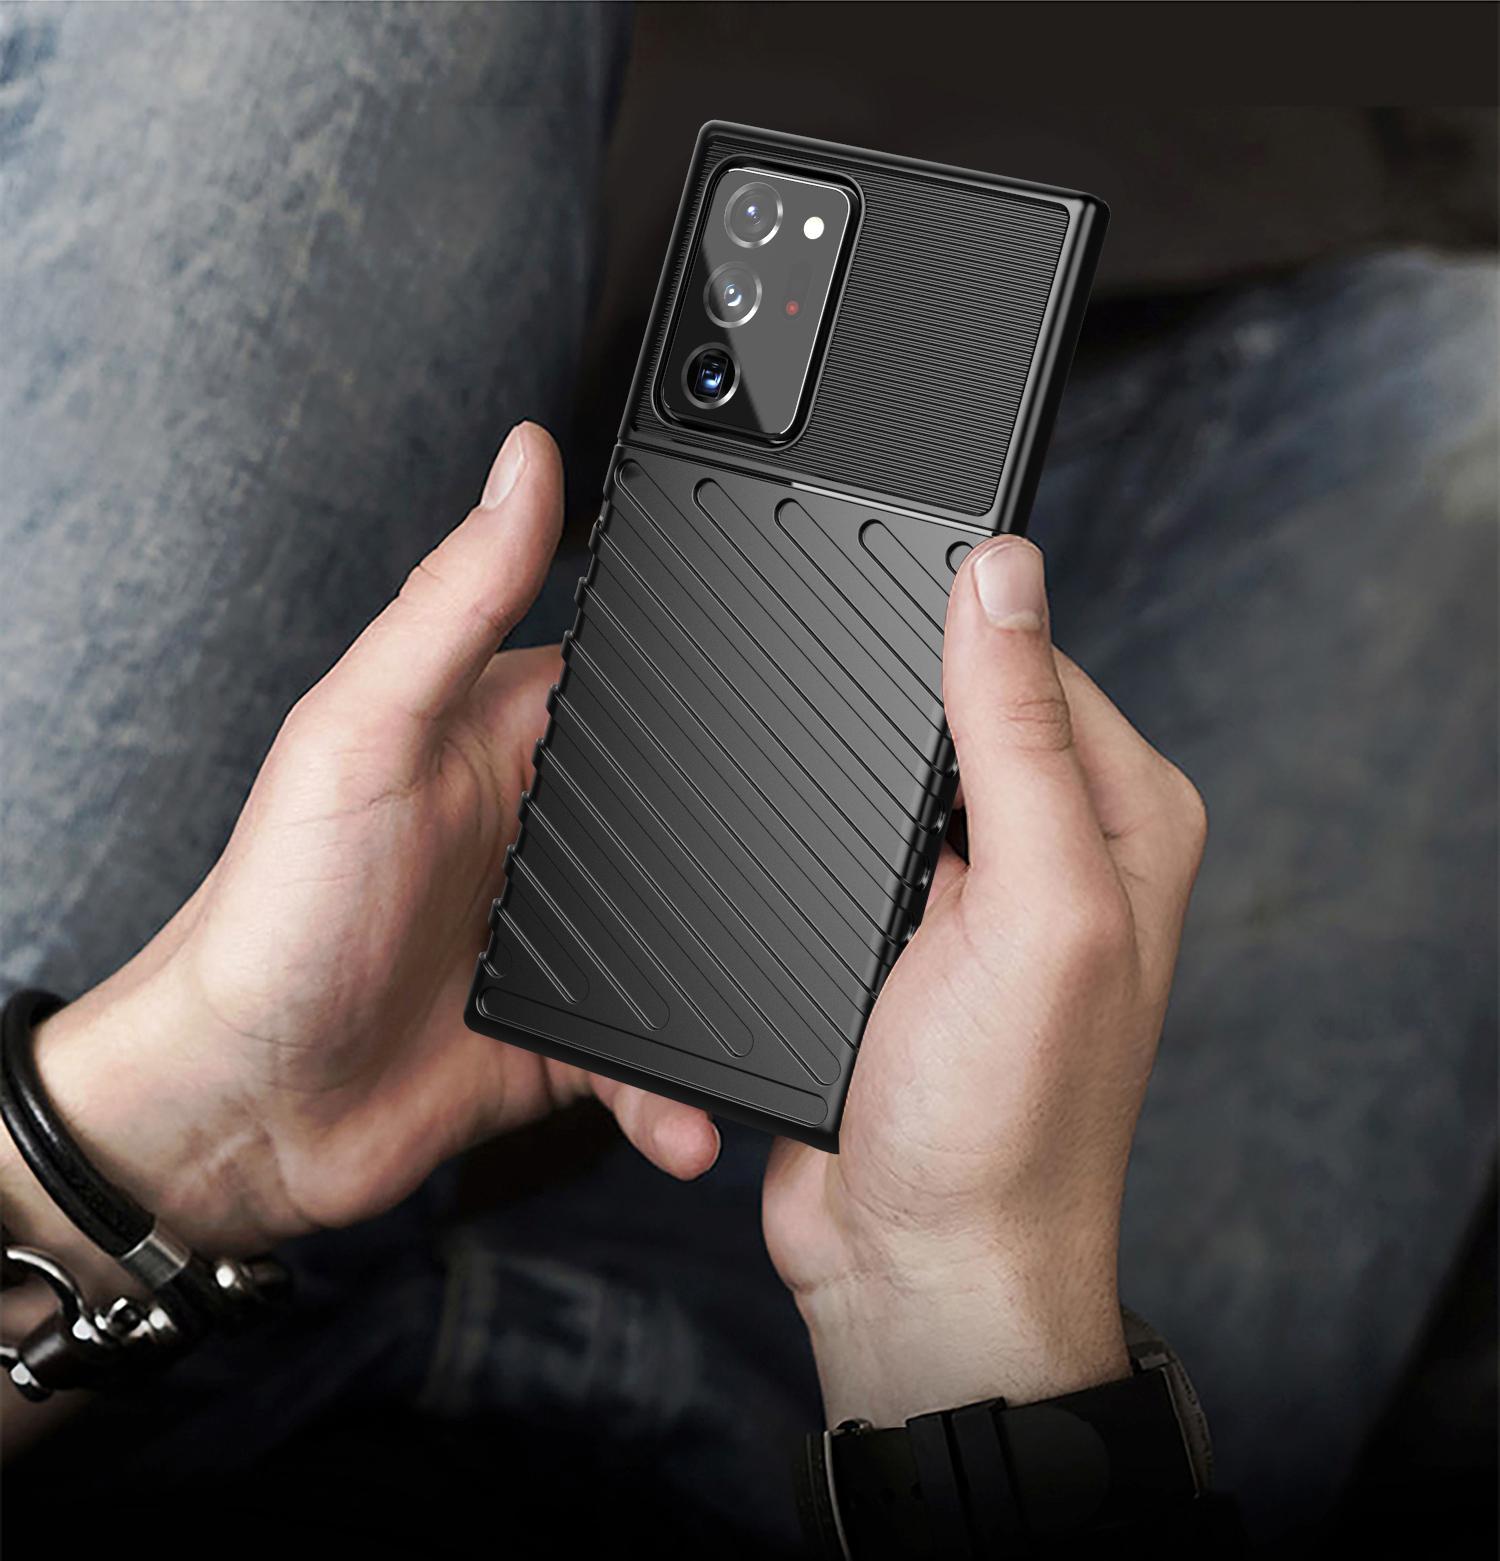 Чехол черный на телефон Samsung Galaxy Note 20 Ultra, противоударный, серия Onyx от Caseport